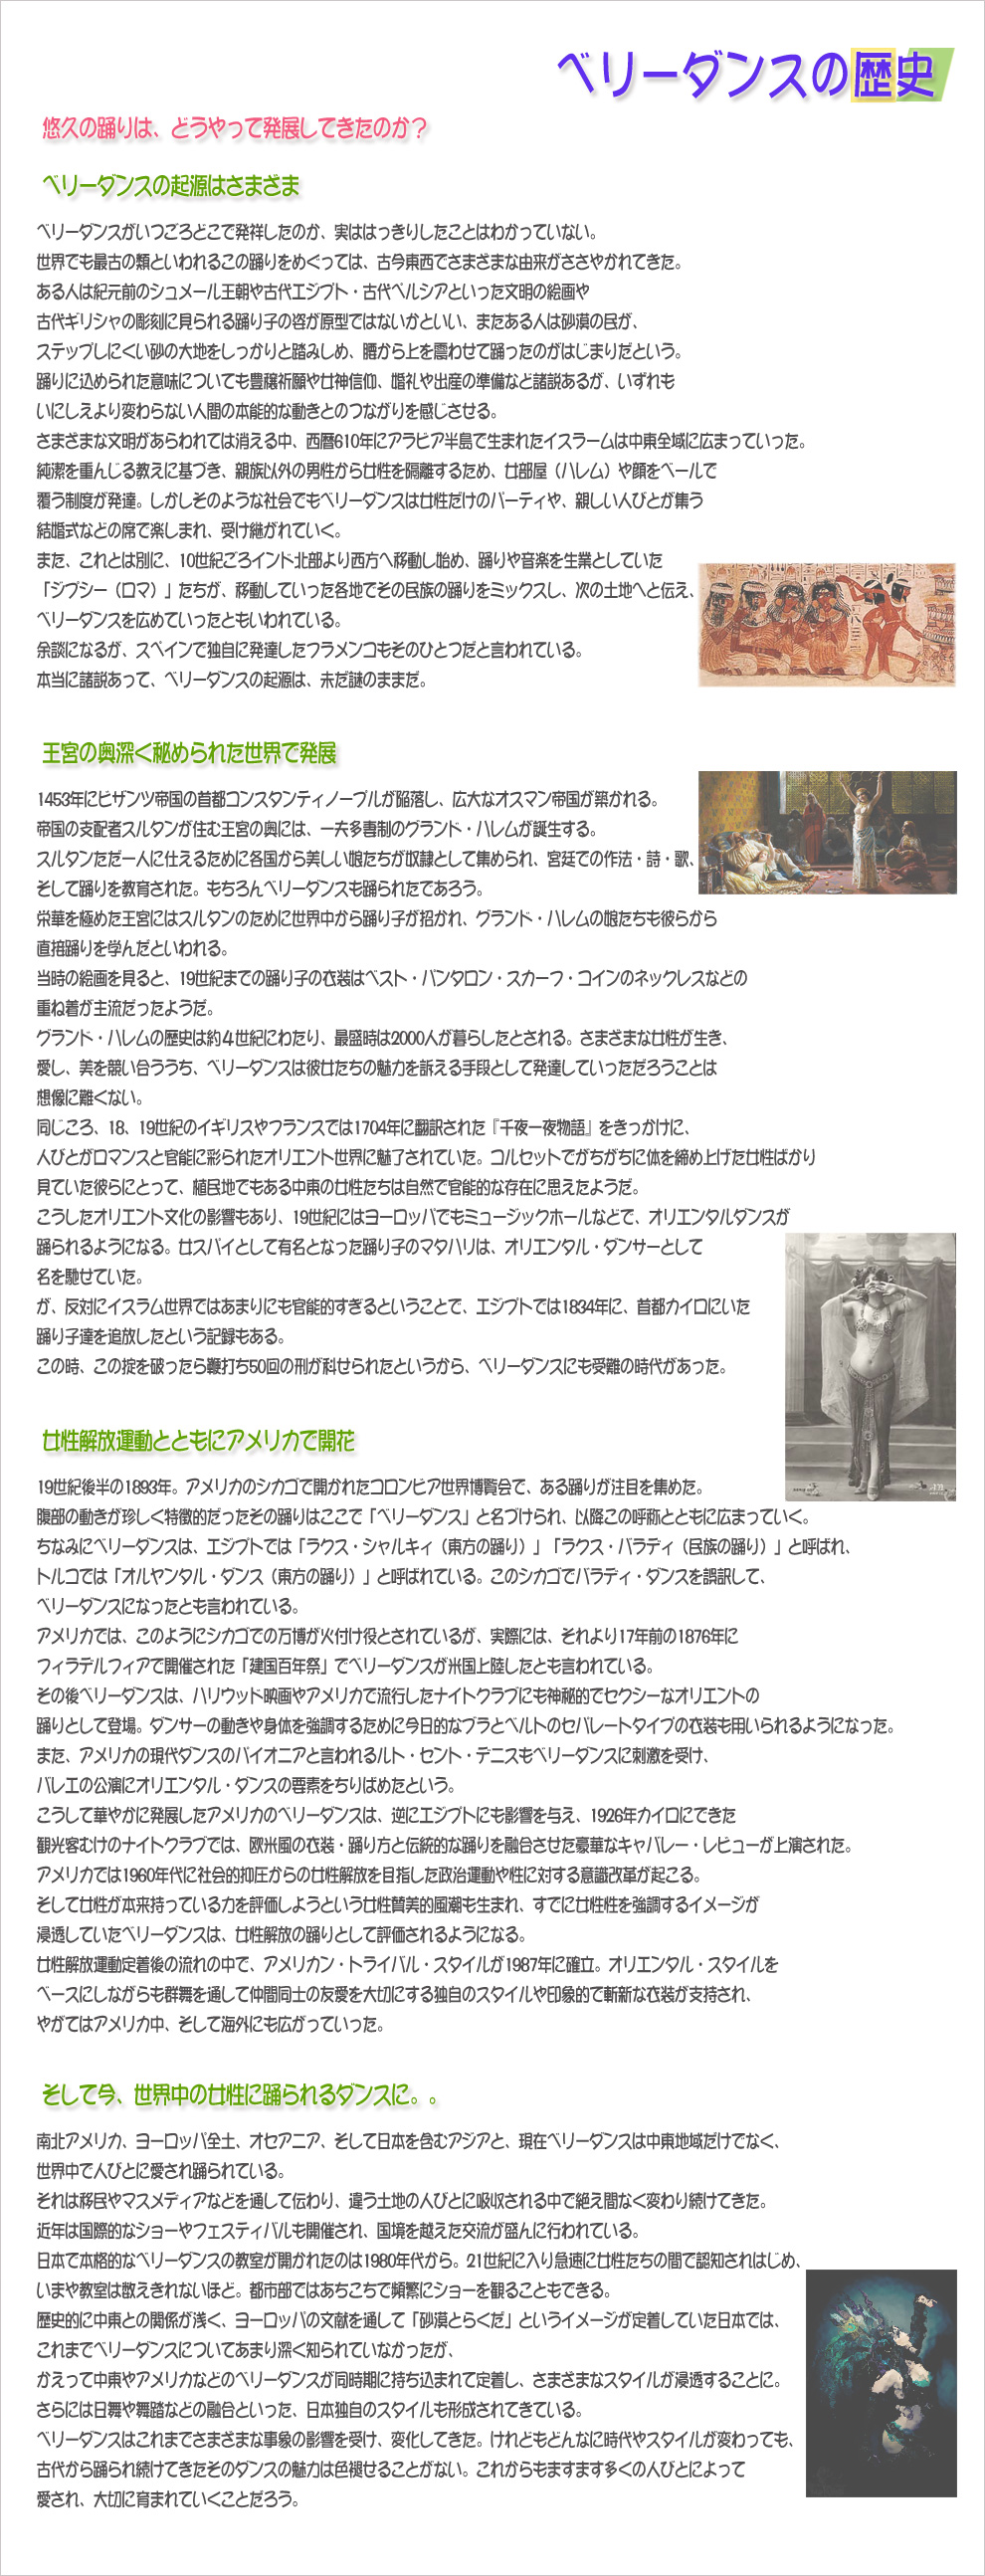 ベリーダンスの歴史his